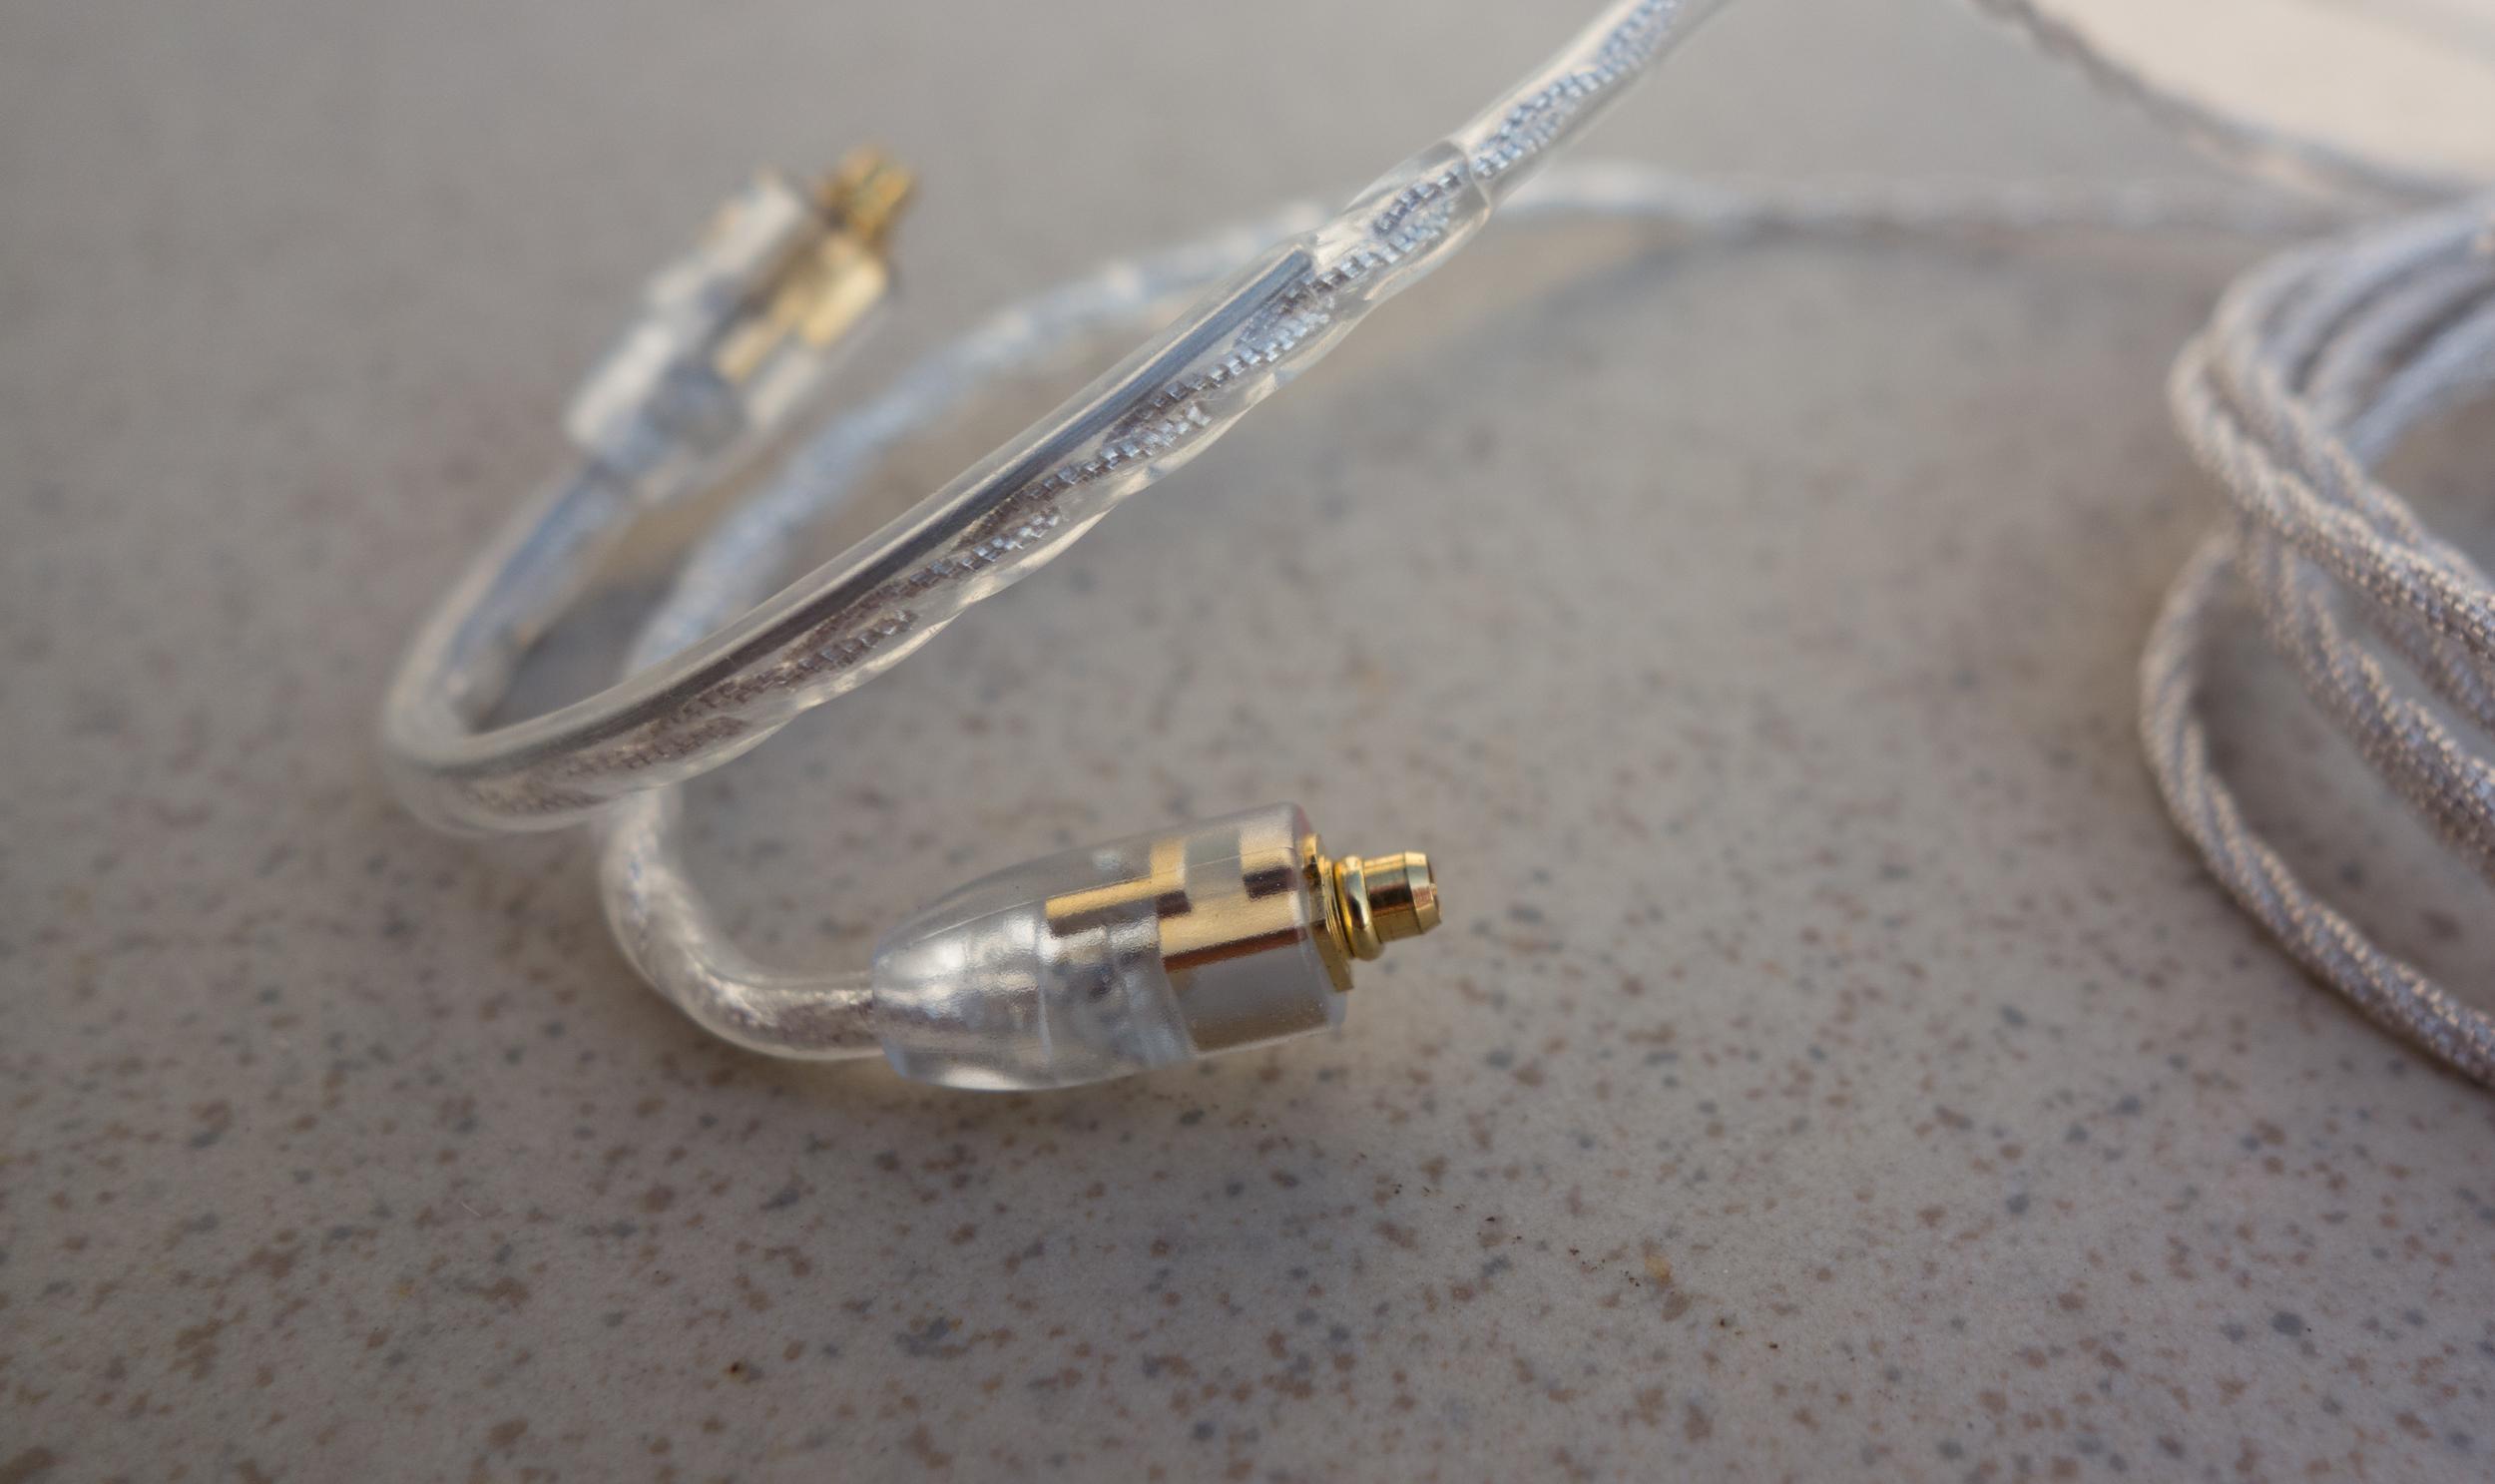 Detachable earphone cable for Campfire Audio IEM's